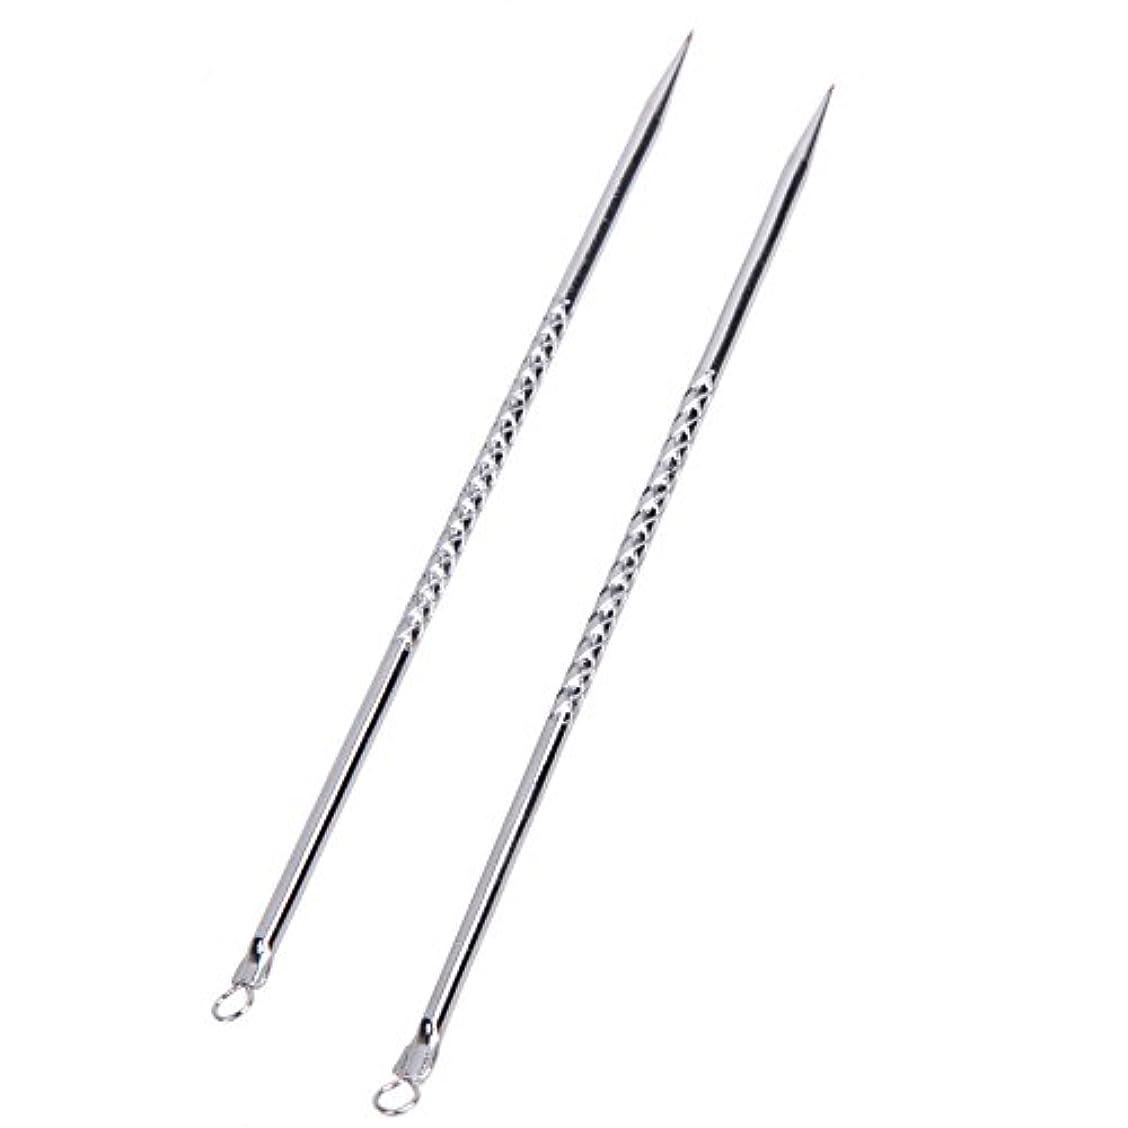 貧困マカダム口述する6pcs Blackhead Acne Pimple Remover Tool Extractors